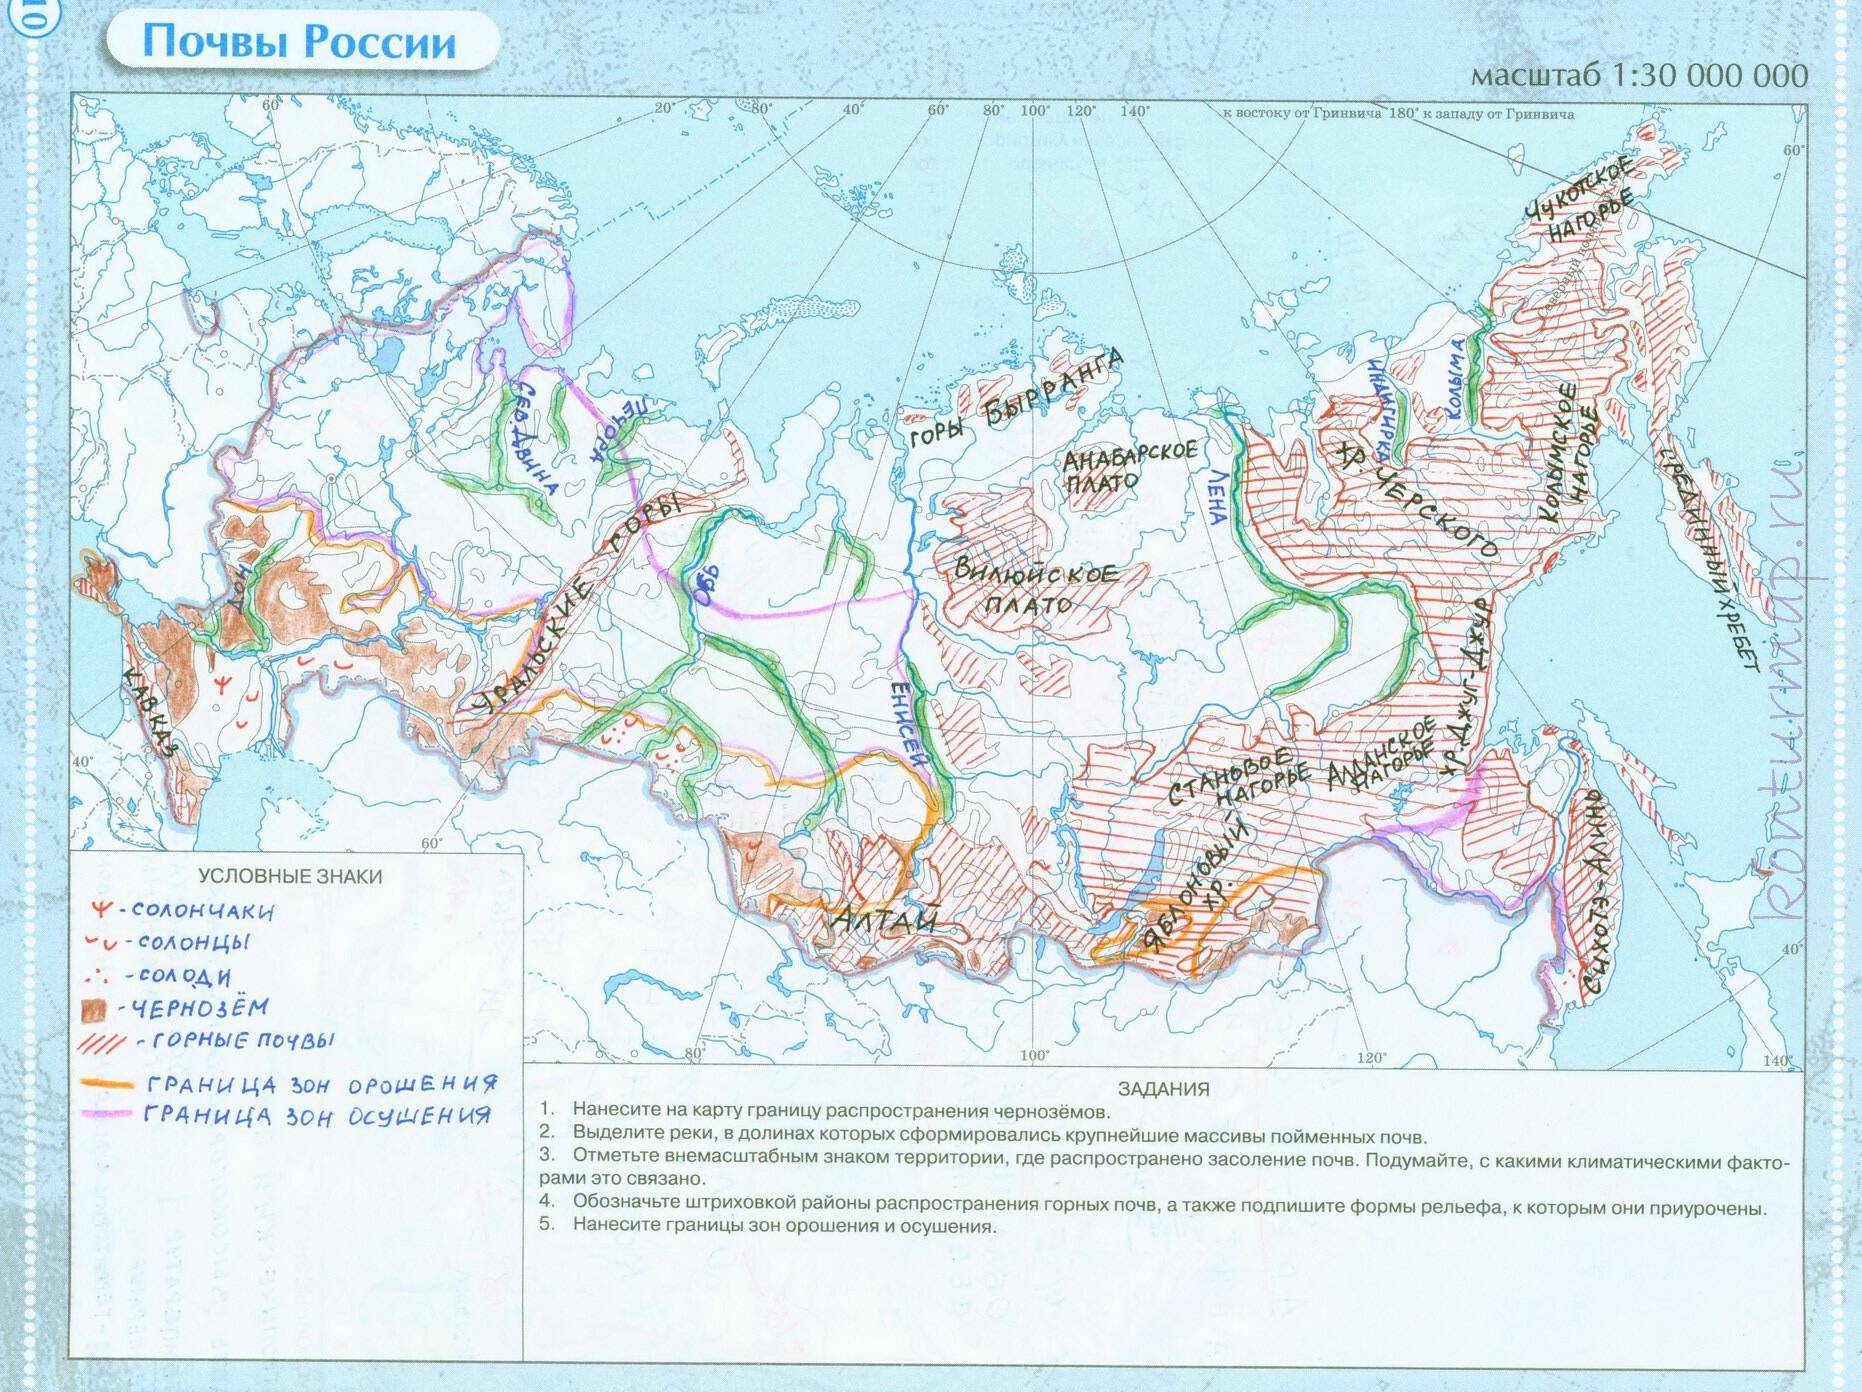 8 класс география контурные карты дронов и савельева